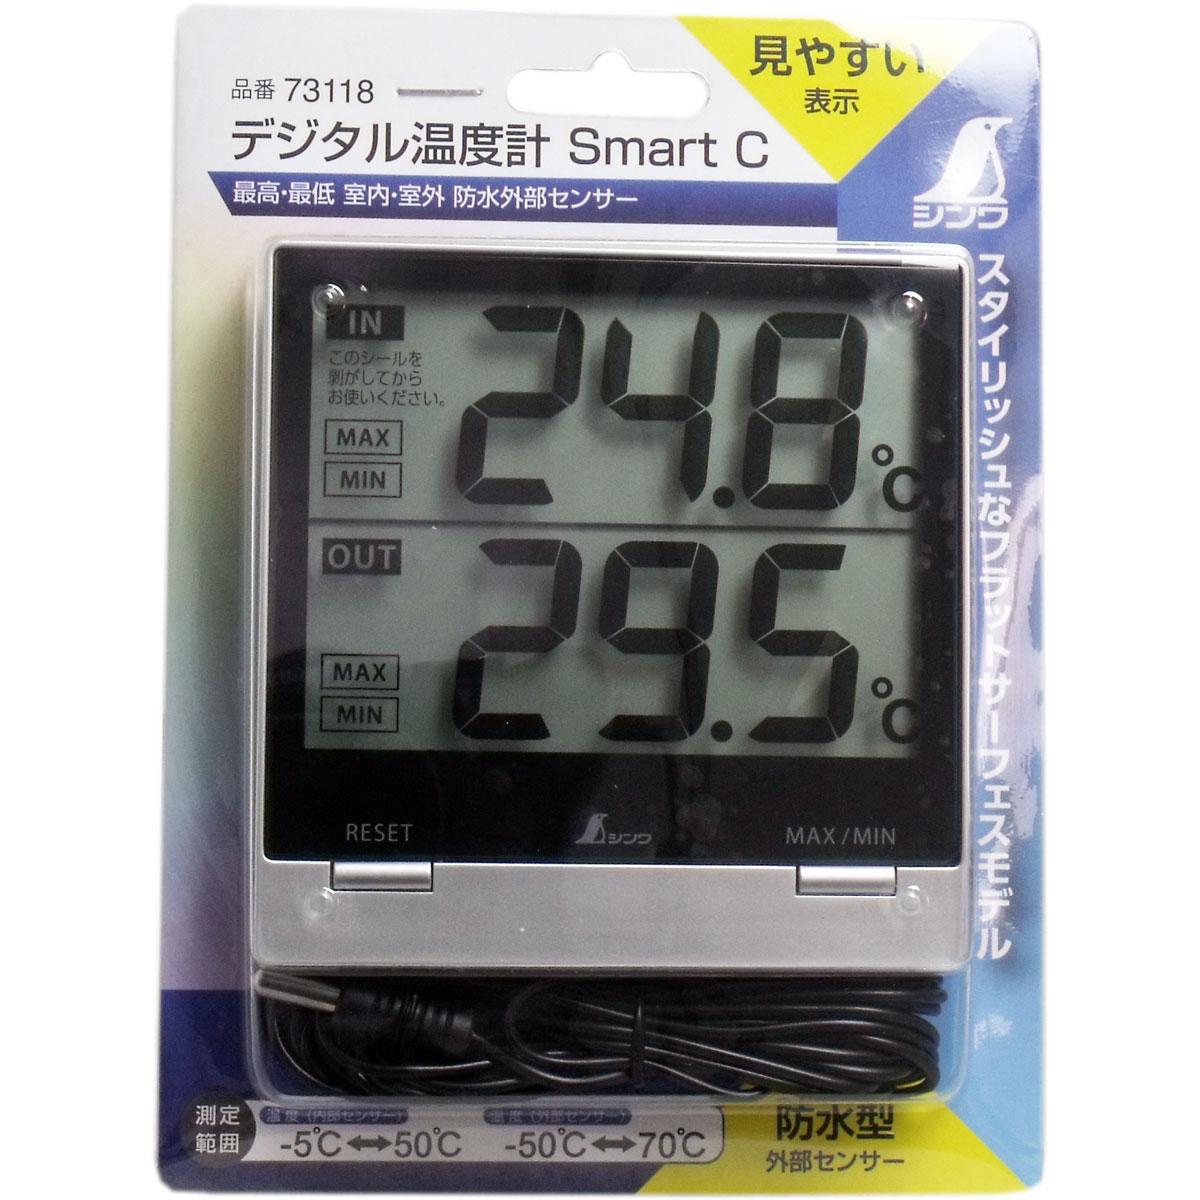 デジタル温度計 スマートC 最高・最低 室内・室外 防水外部センサー